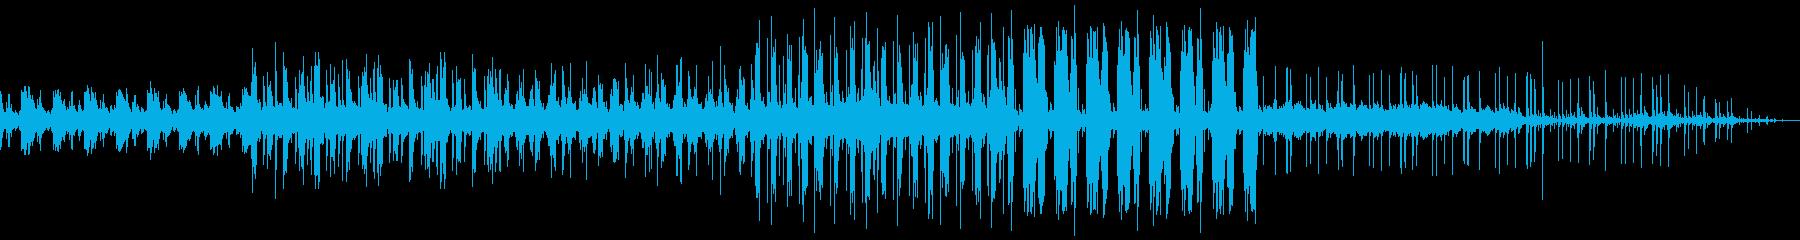 ピアノの旋律が独特な切ないバラードの再生済みの波形